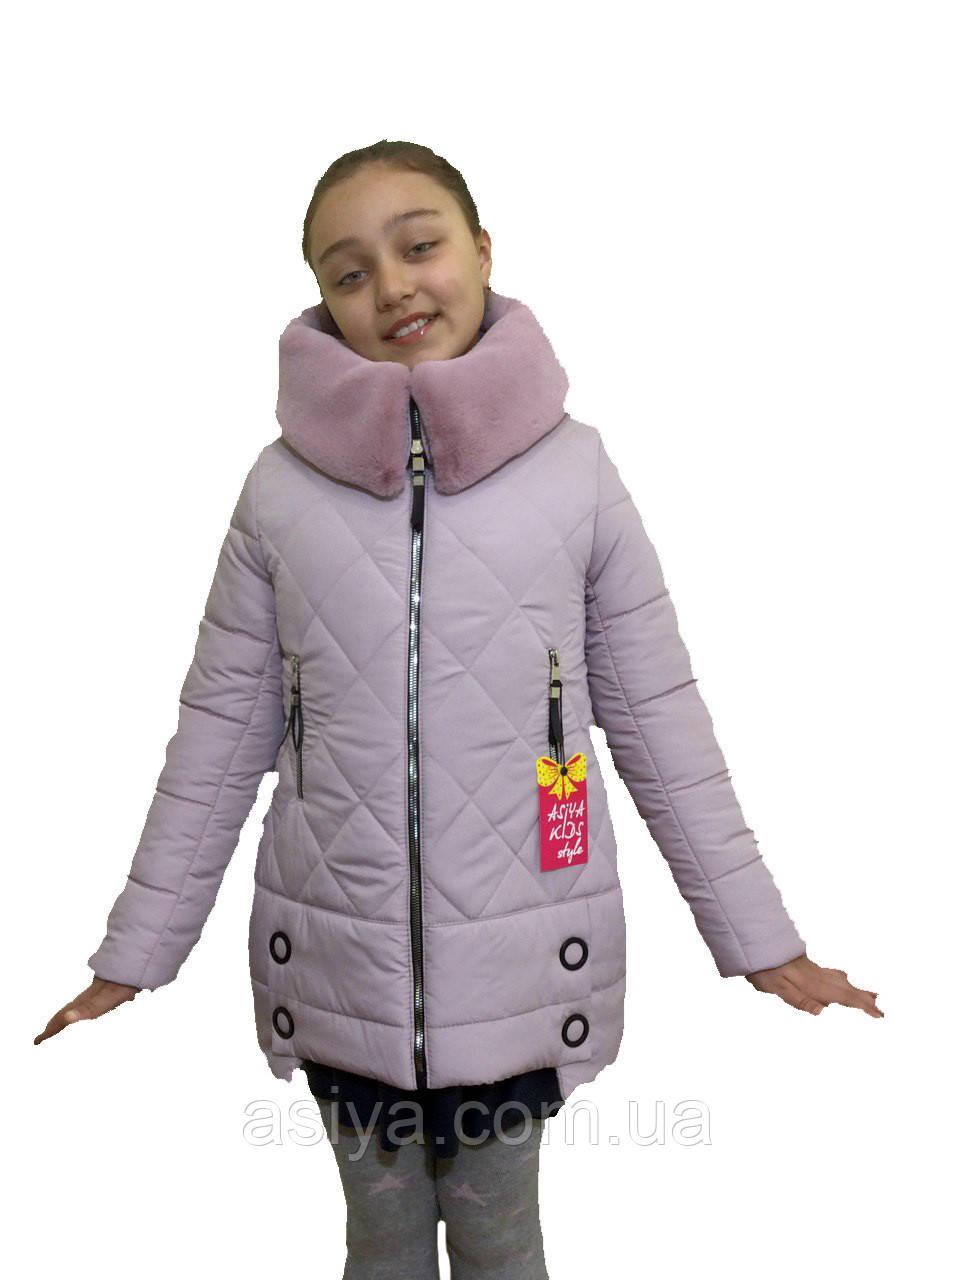 """Зимовий підліткове пальто для дівчинки """"Ромб"""" кольору пудри від asiya.com.ua"""